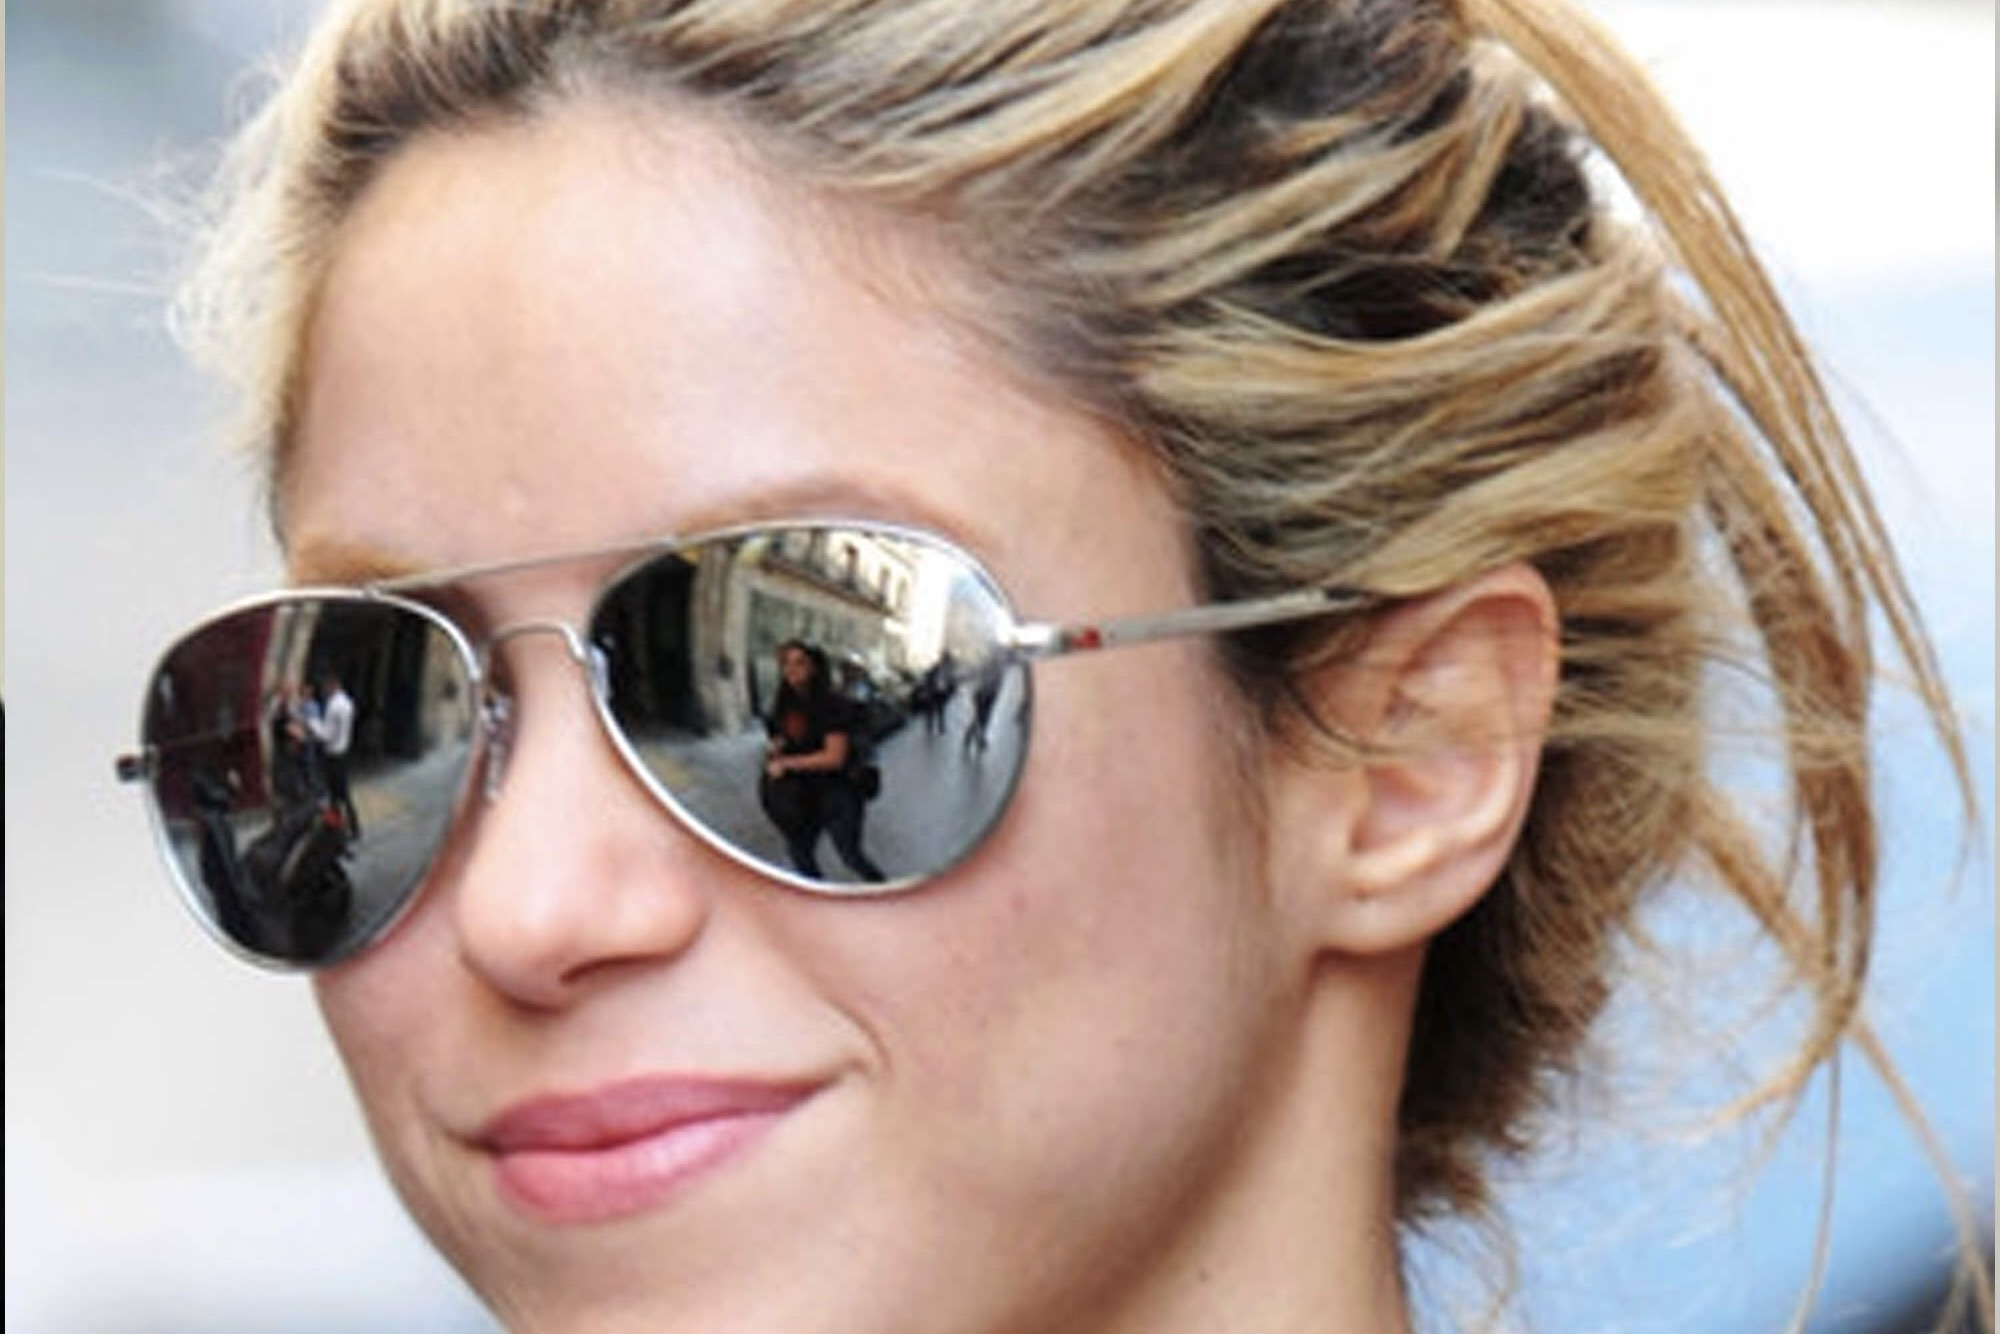 7adc7269eb Cómo saber qué gafas de sol te favorecen? - Dream Alcalá